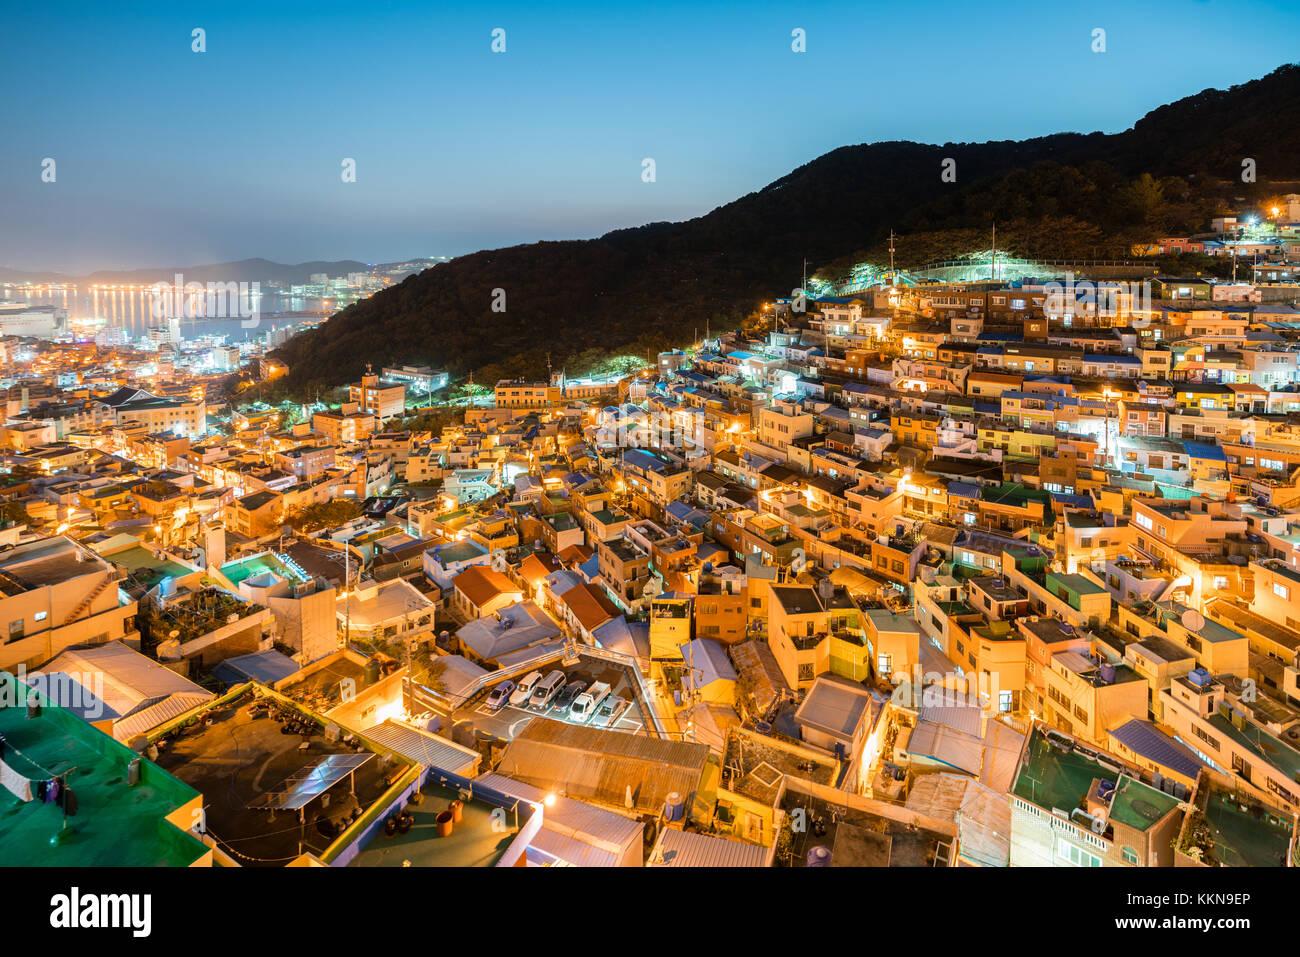 Gamcheon Kultur Dorf in der Nacht in Busan, Südkorea. Stockbild